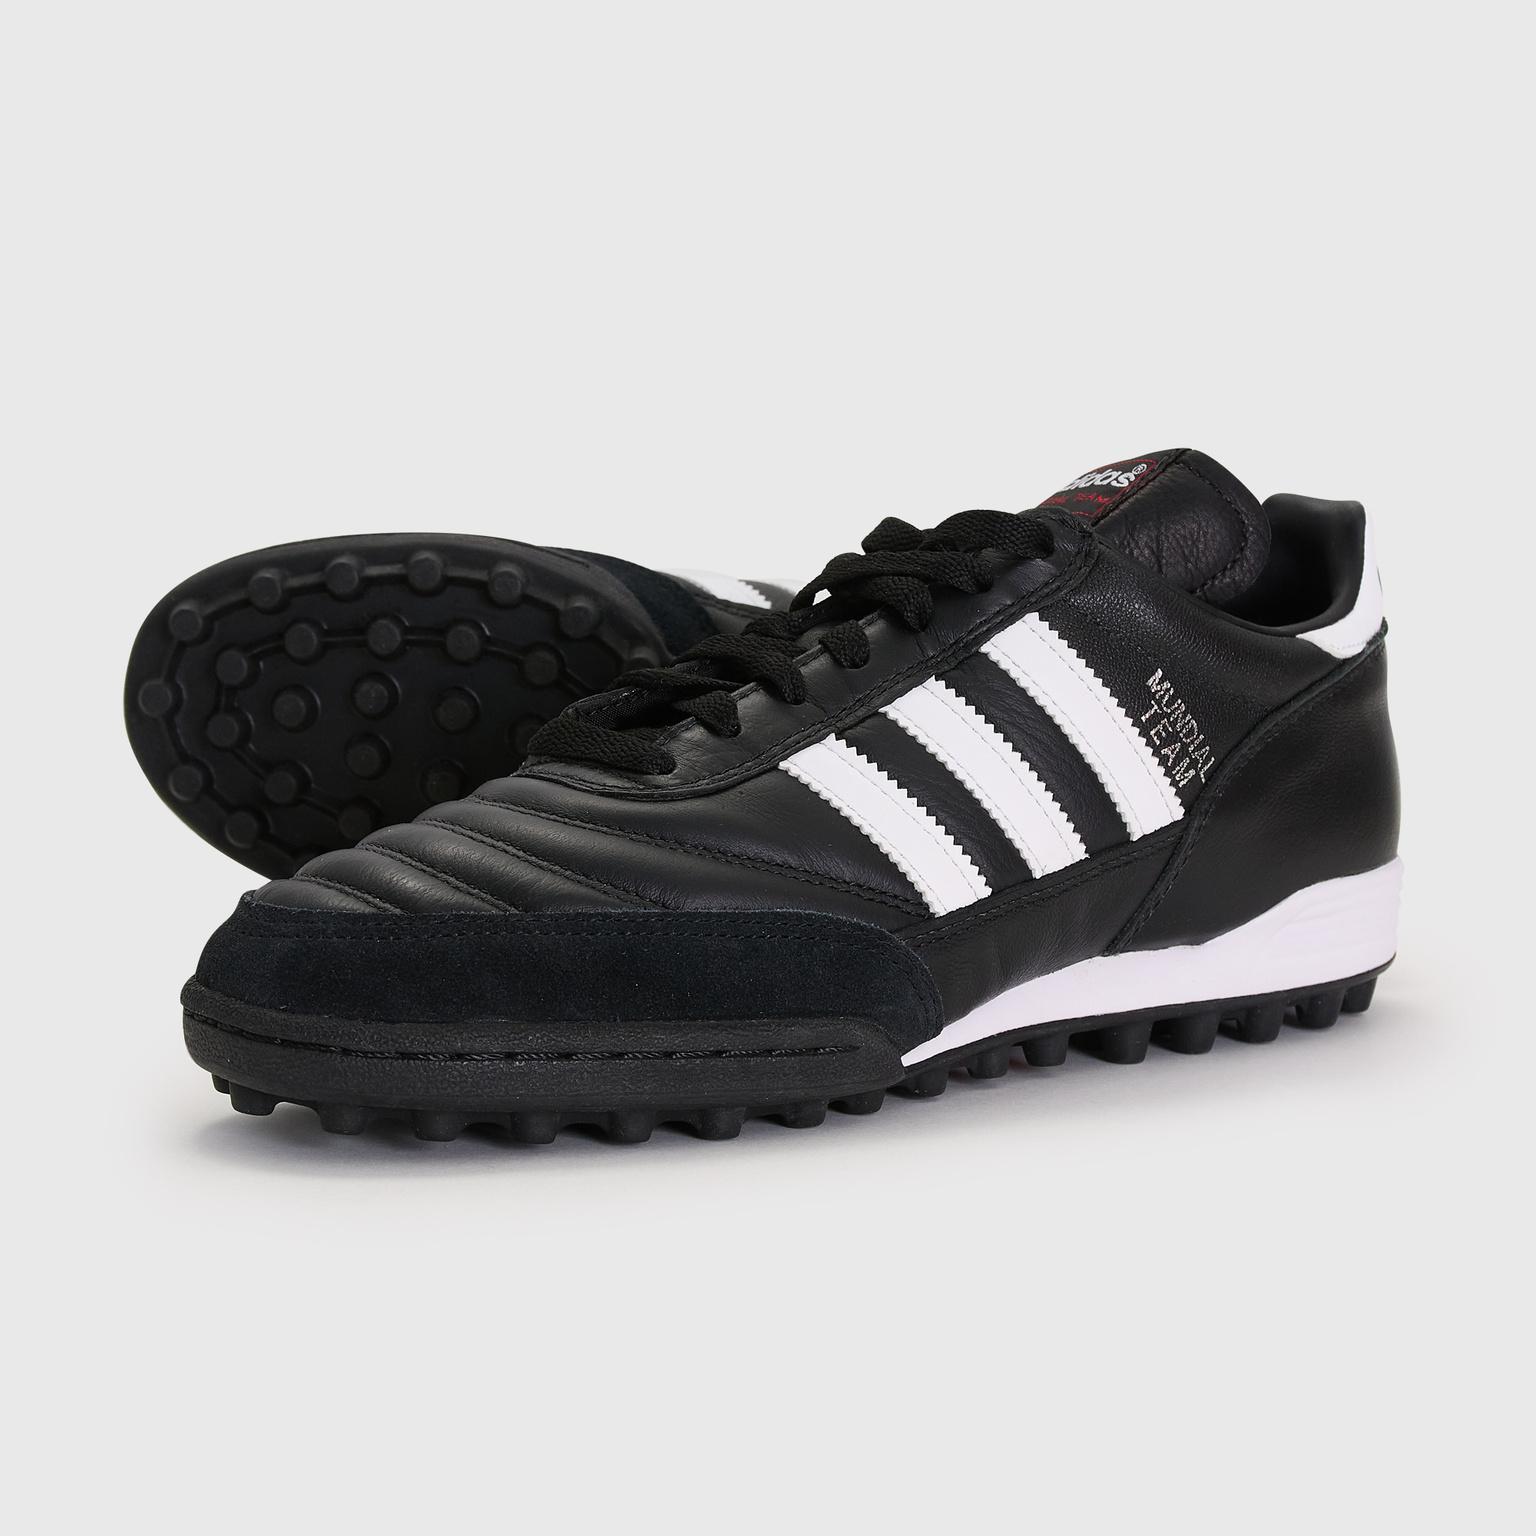 d831e4e199c3 Шиповки Adidas Mundial Team 19228 – купить шиповки в интернет магазине  footballstore, цена, фото